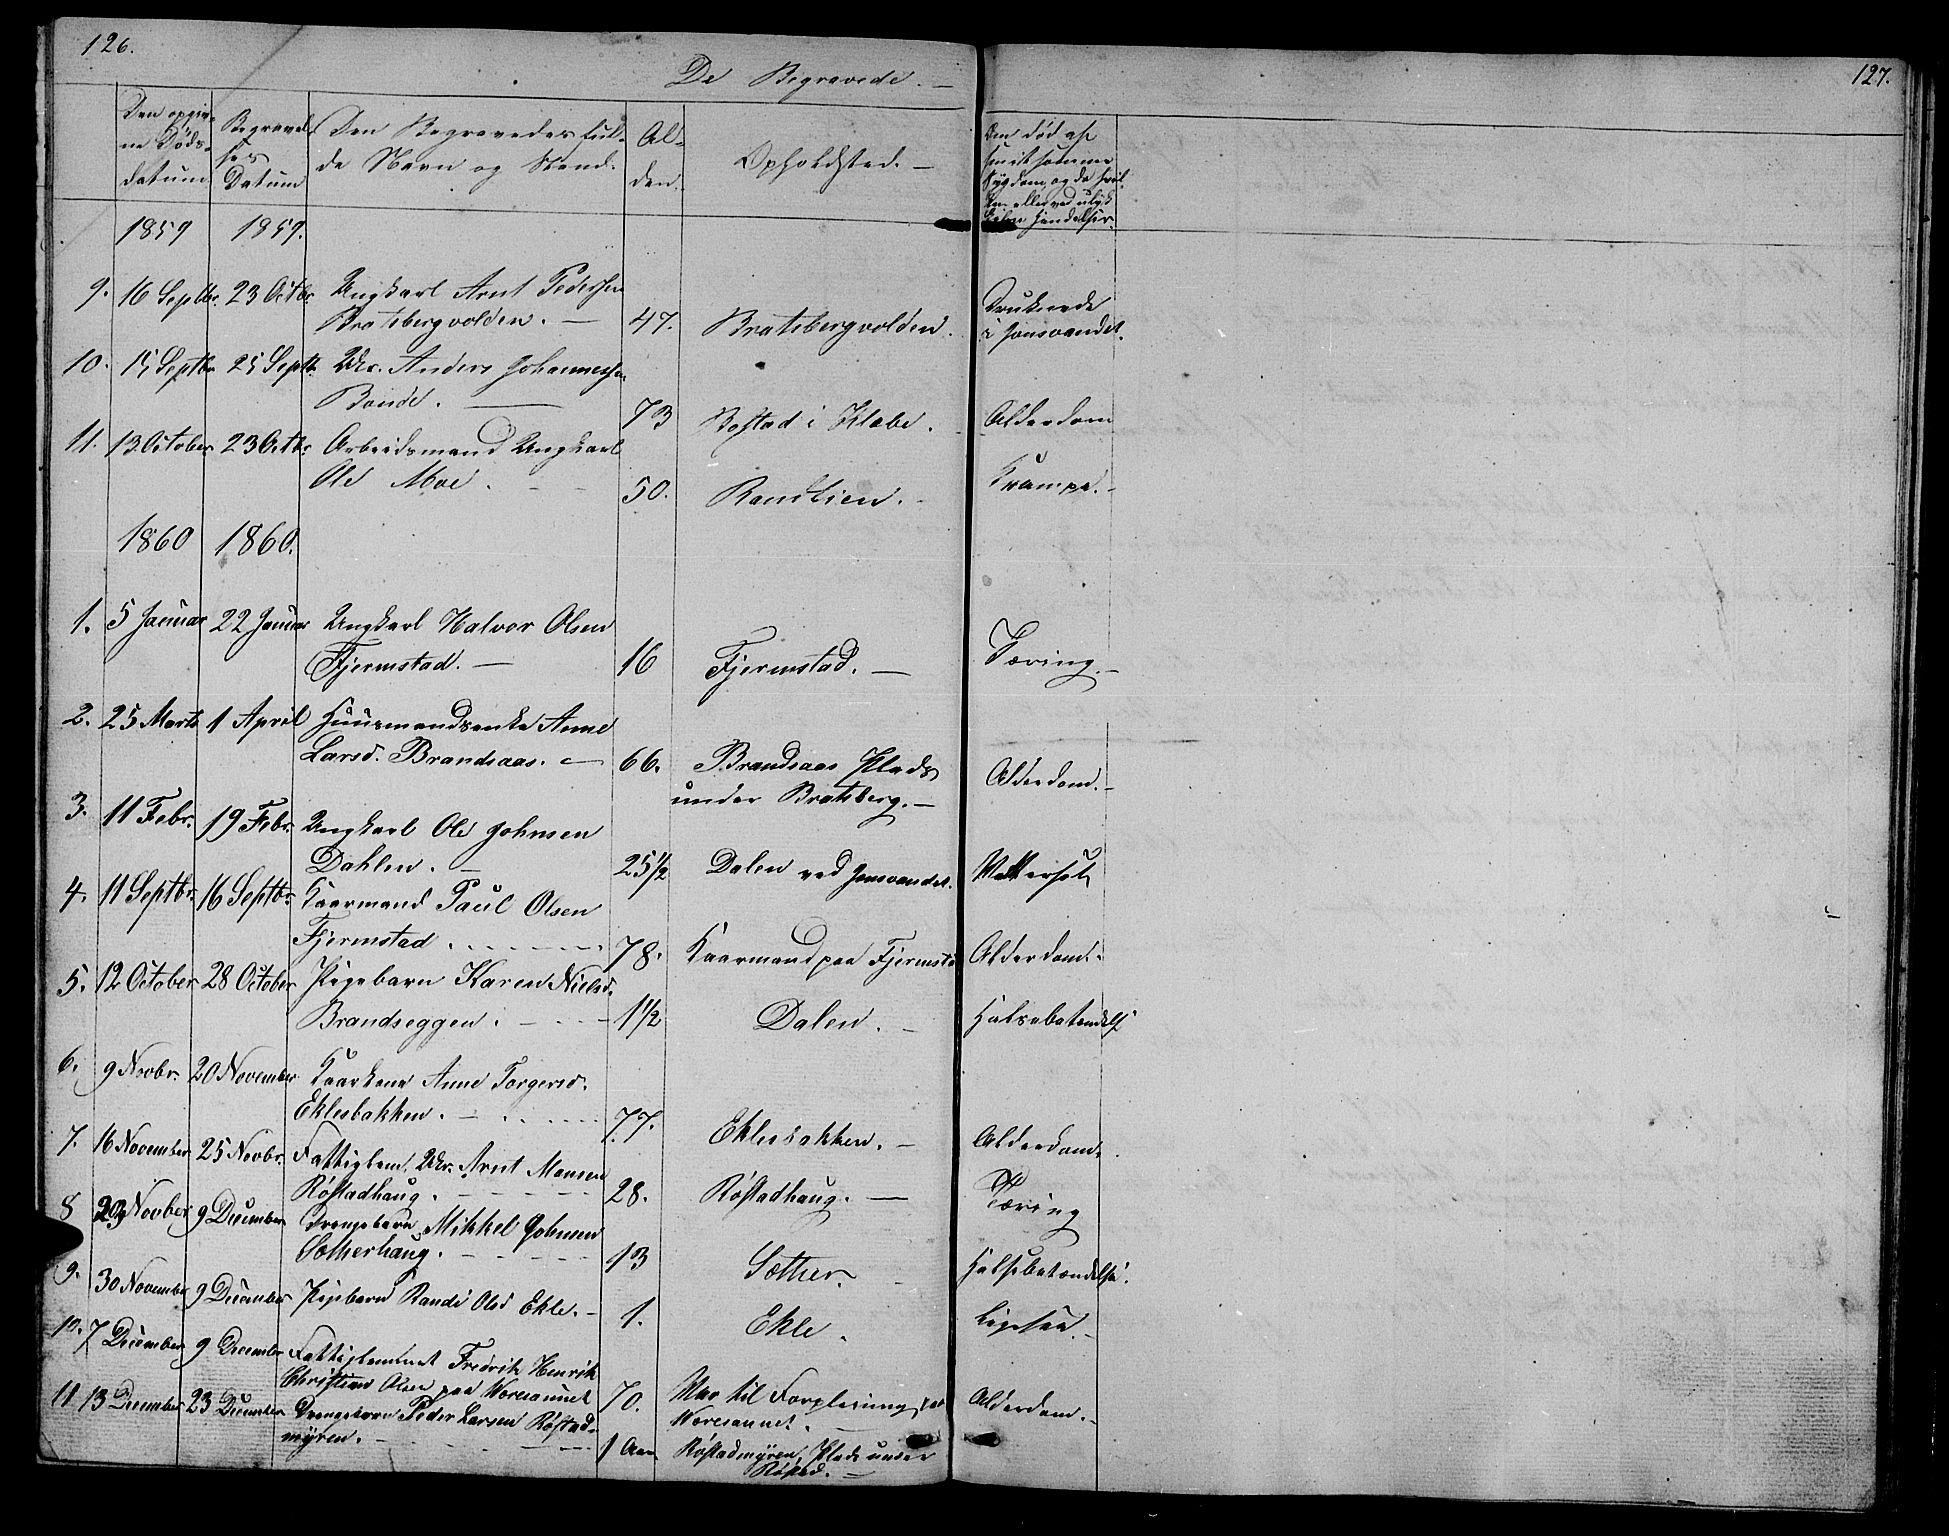 SAT, Ministerialprotokoller, klokkerbøker og fødselsregistre - Sør-Trøndelag, 608/L0339: Klokkerbok nr. 608C05, 1844-1863, s. 126-127